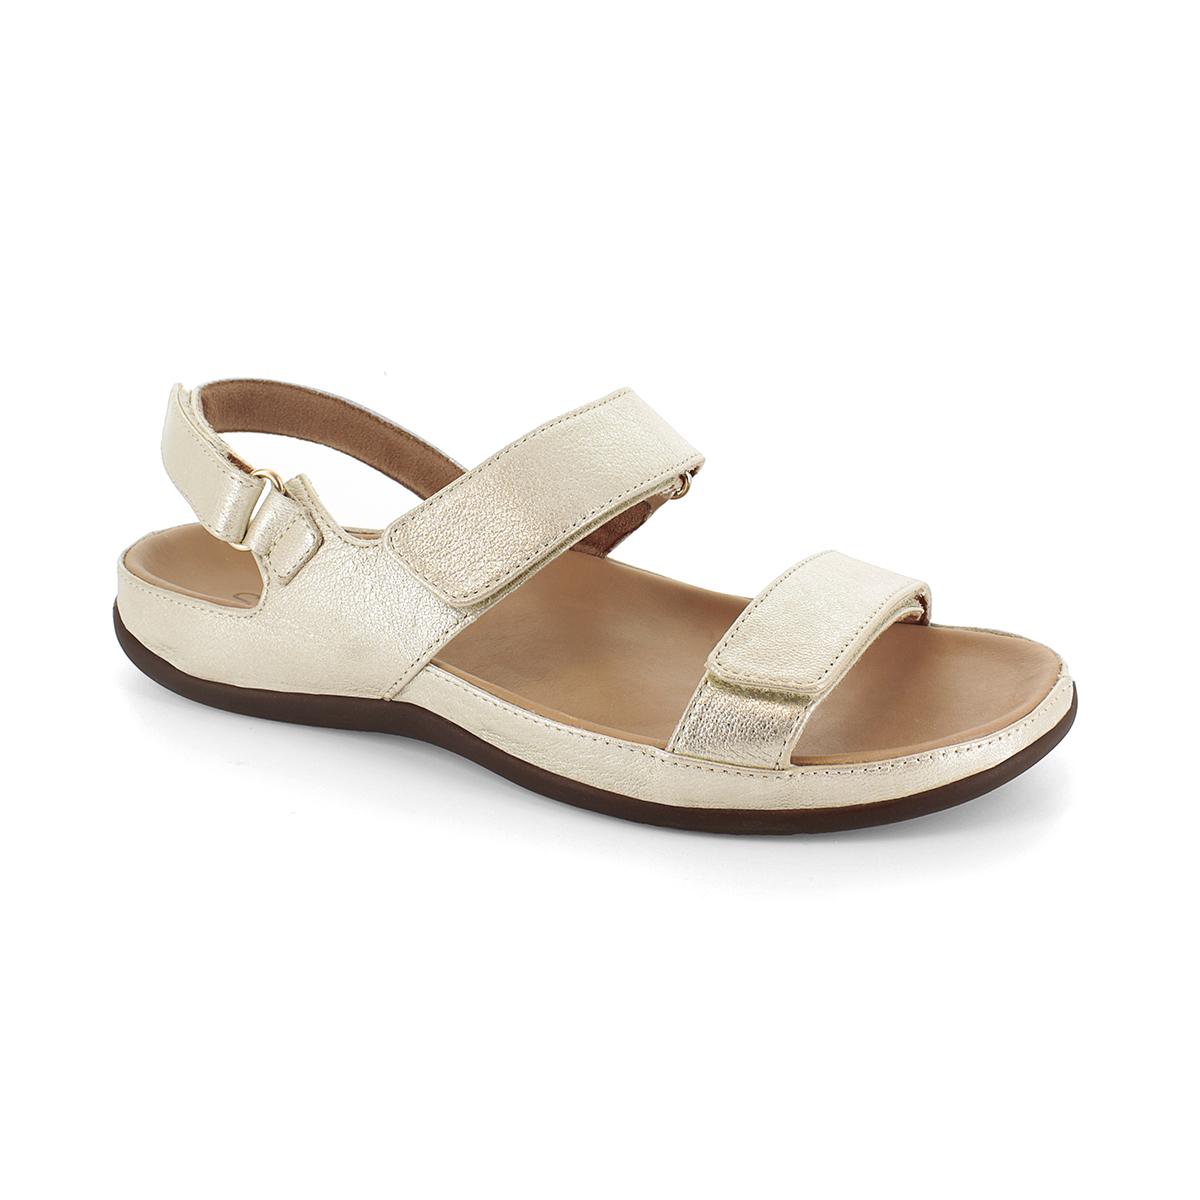 スニーカー感覚で歩き回れる「サンダル」|KONA (25-25.5cm) 独自開発の立体インソールで、スニーカーみたいに歩き回れる「サンダル」|strive